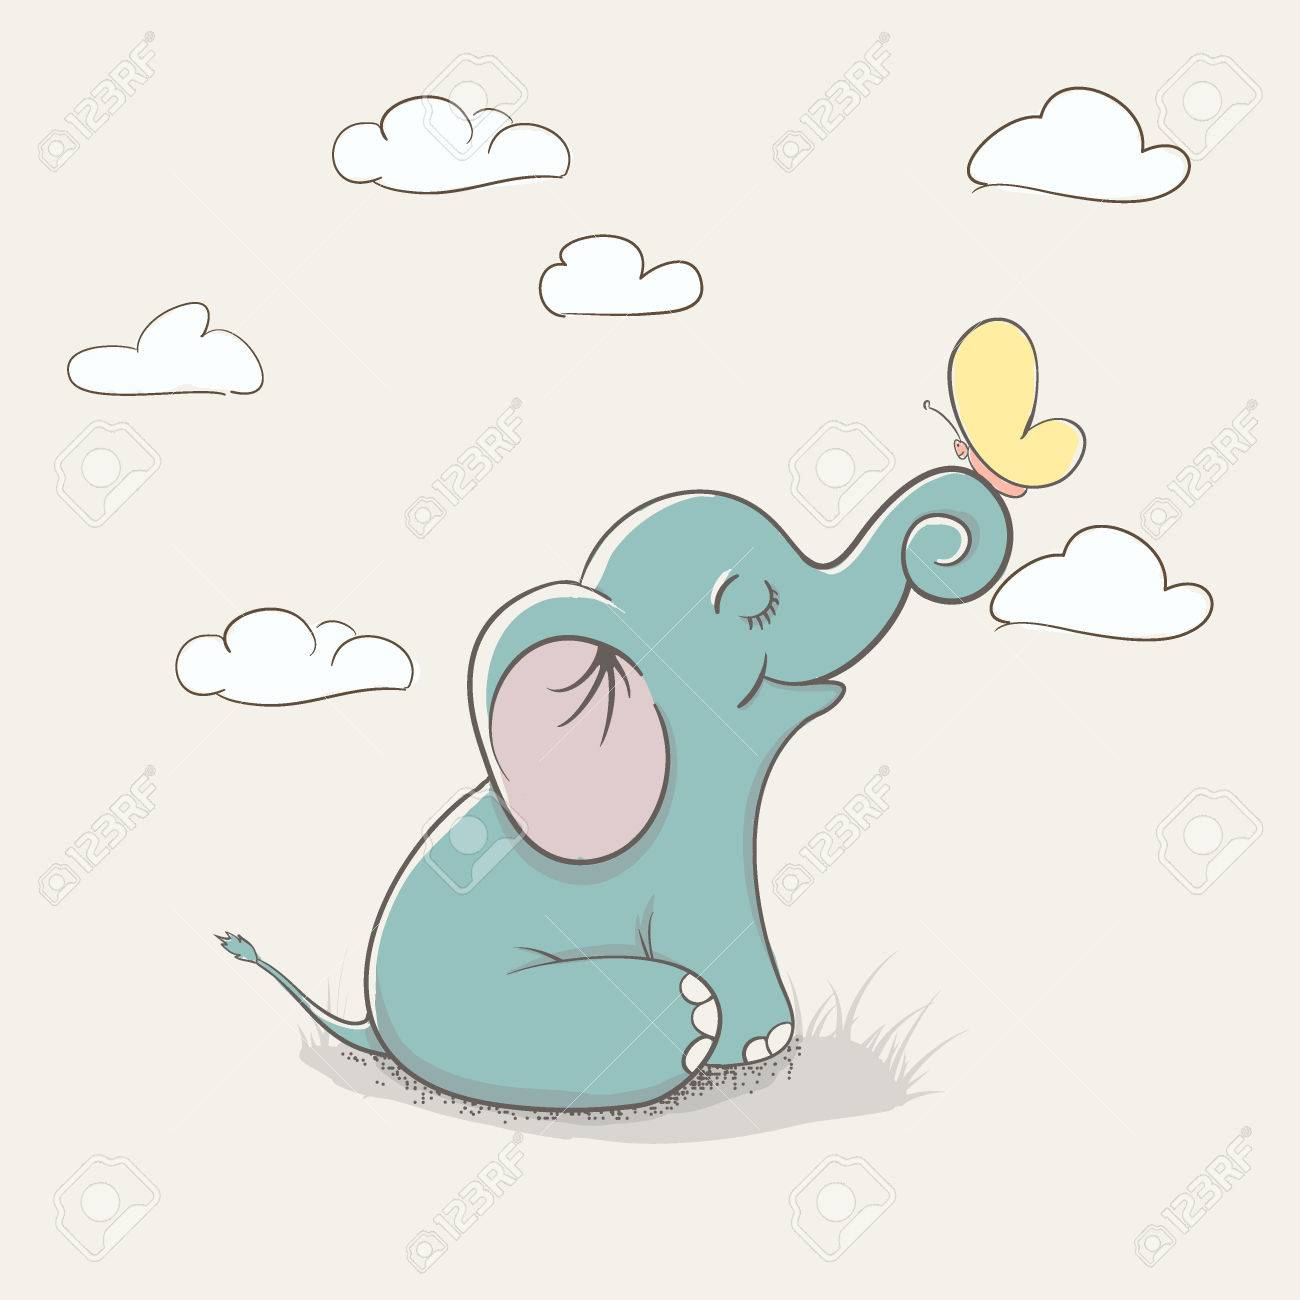 Dessin Anime Enfant Elephant Assis Sur La Terre Et Jouant Avec Papillon Conception Enfantine Pour Les T Shirts Robe Ou Cartes De Voeux D Enfant Clip Art Libres De Droits Vecteurs Et Illustration